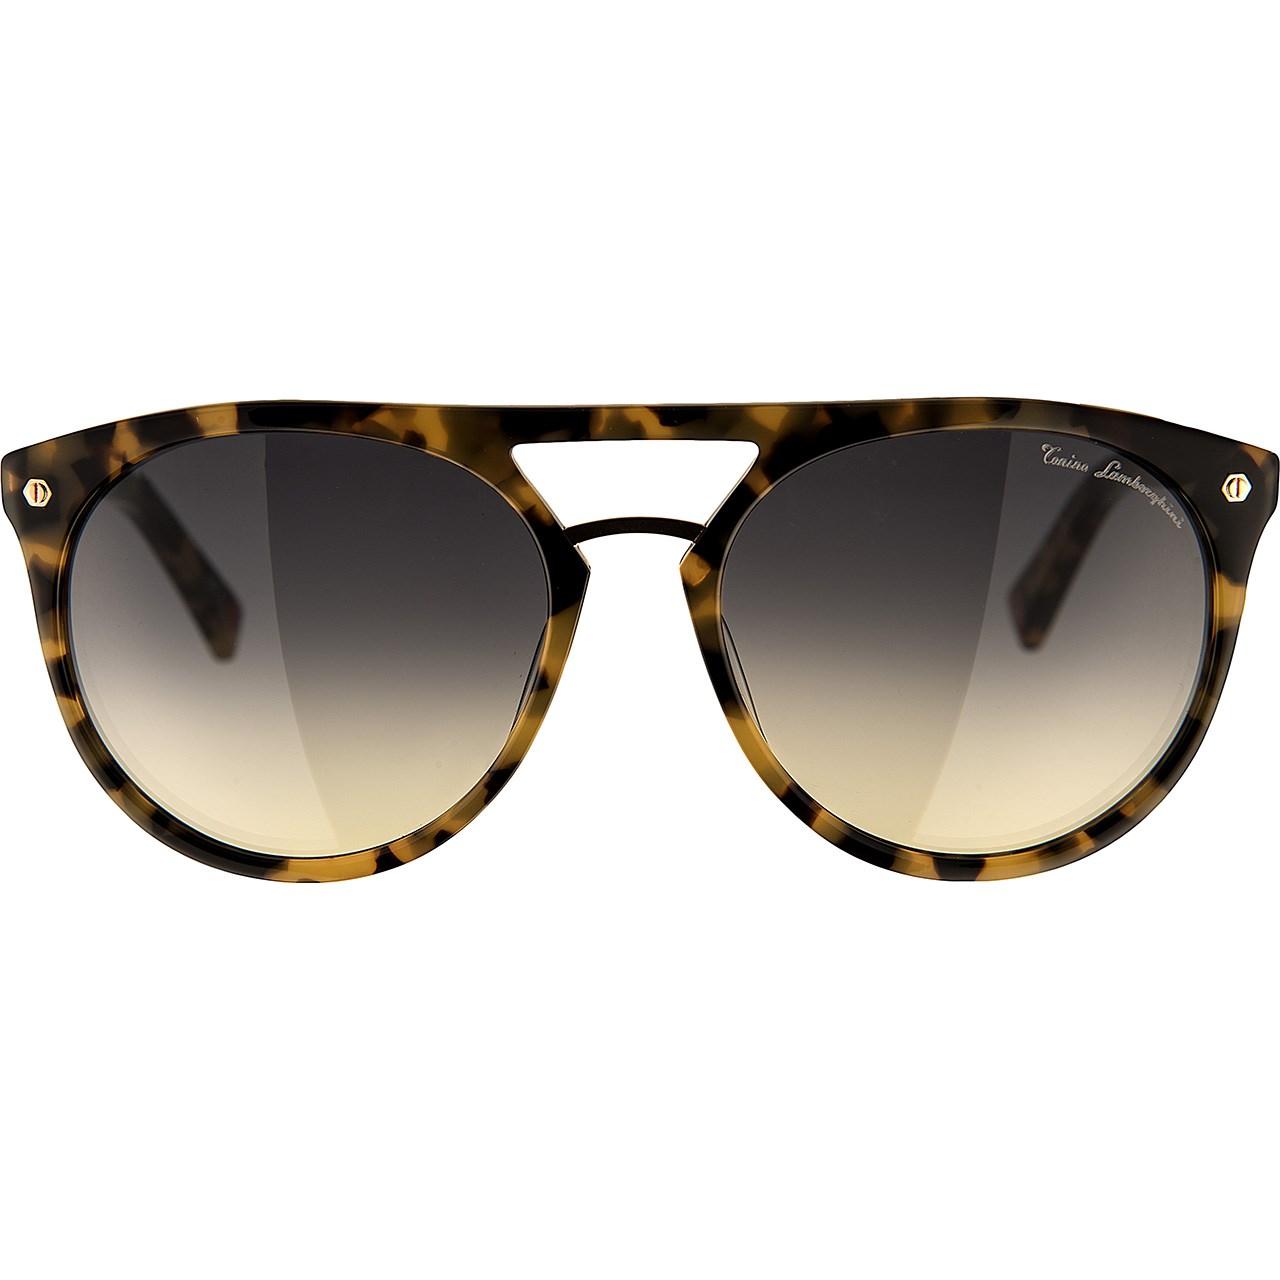 عینک آفتابی تونینو لامبورگینی مدل TL573-53